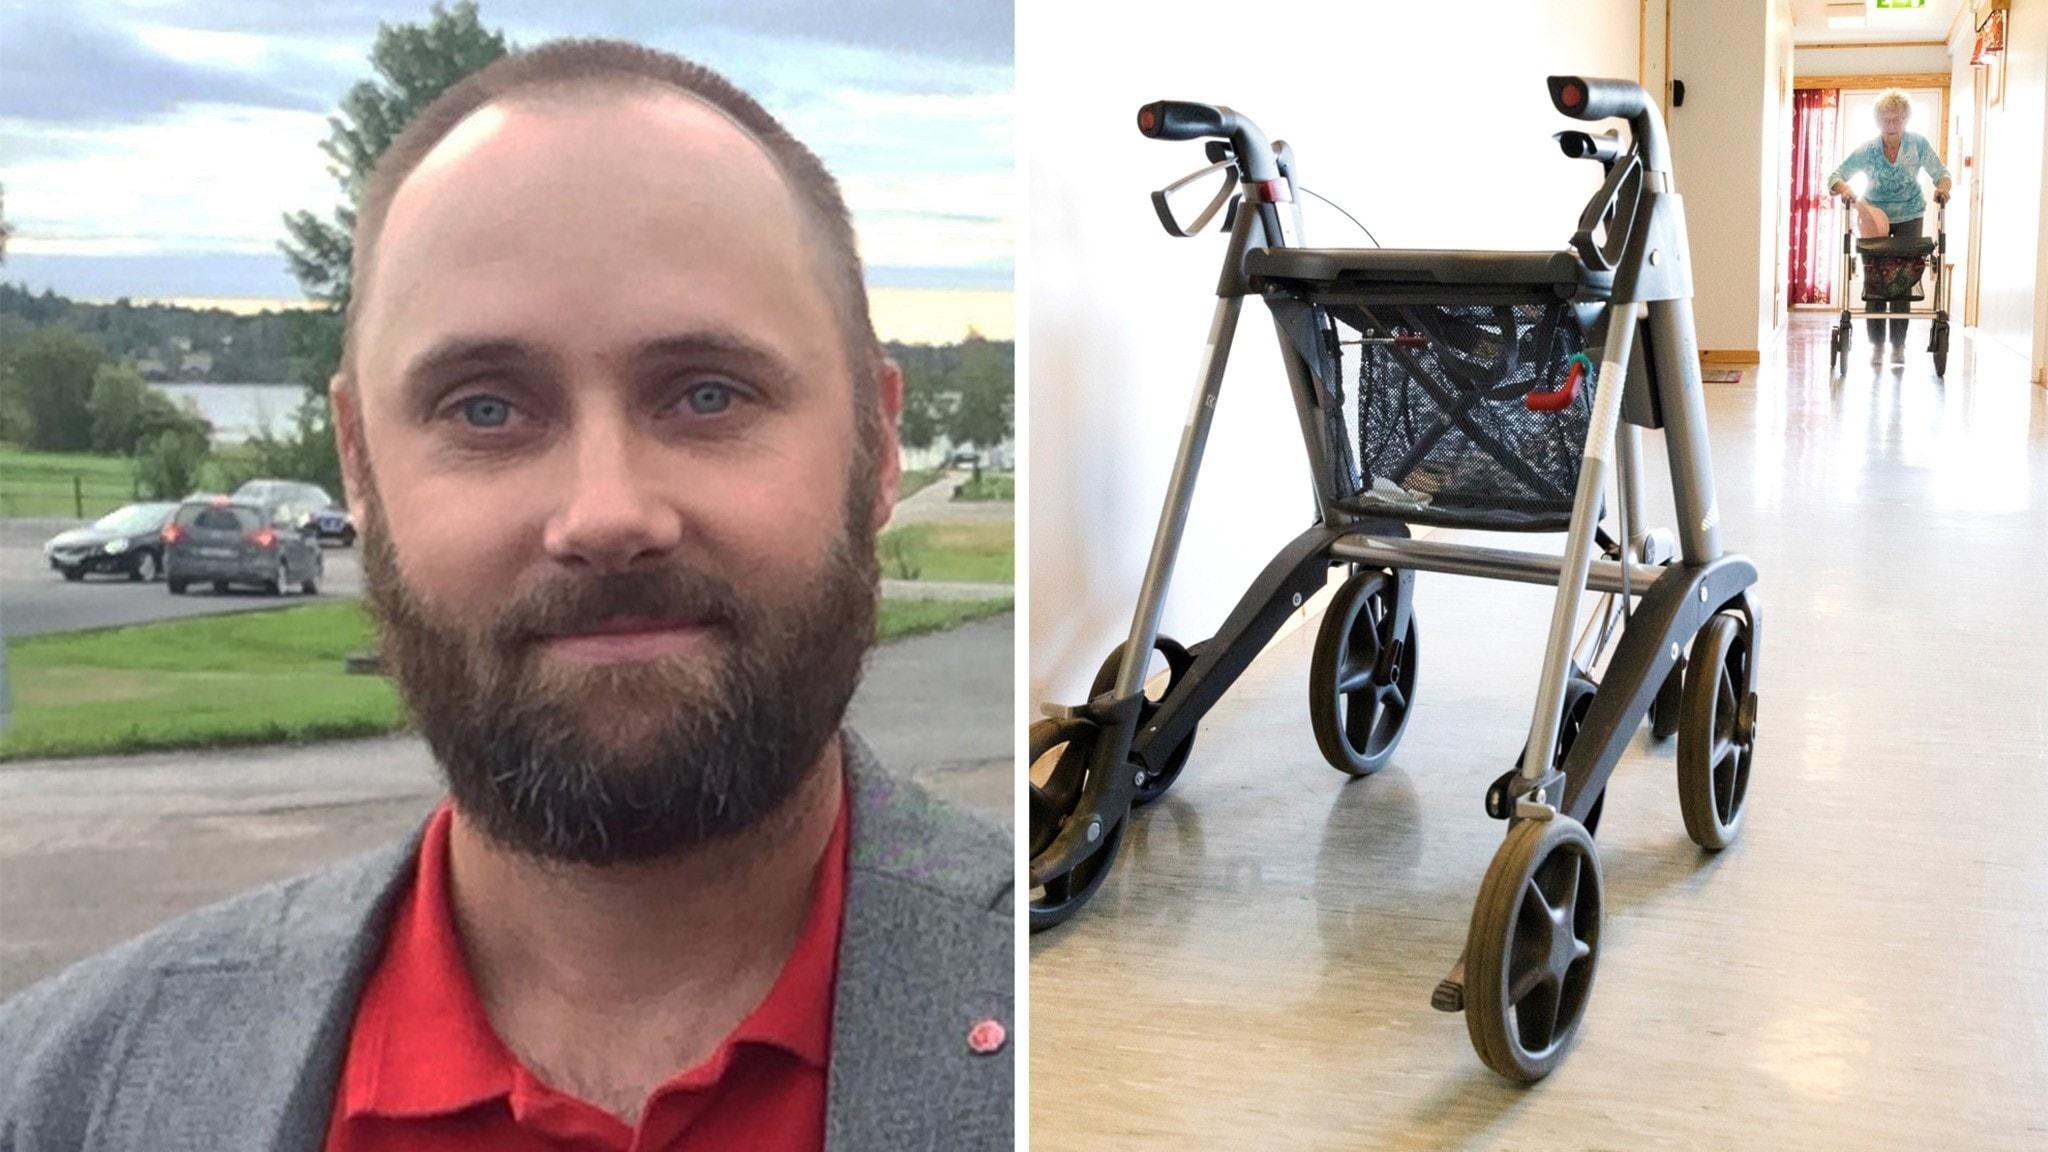 Chatta och dejta online i Sundsvall   Trffa kvinnor och mn i